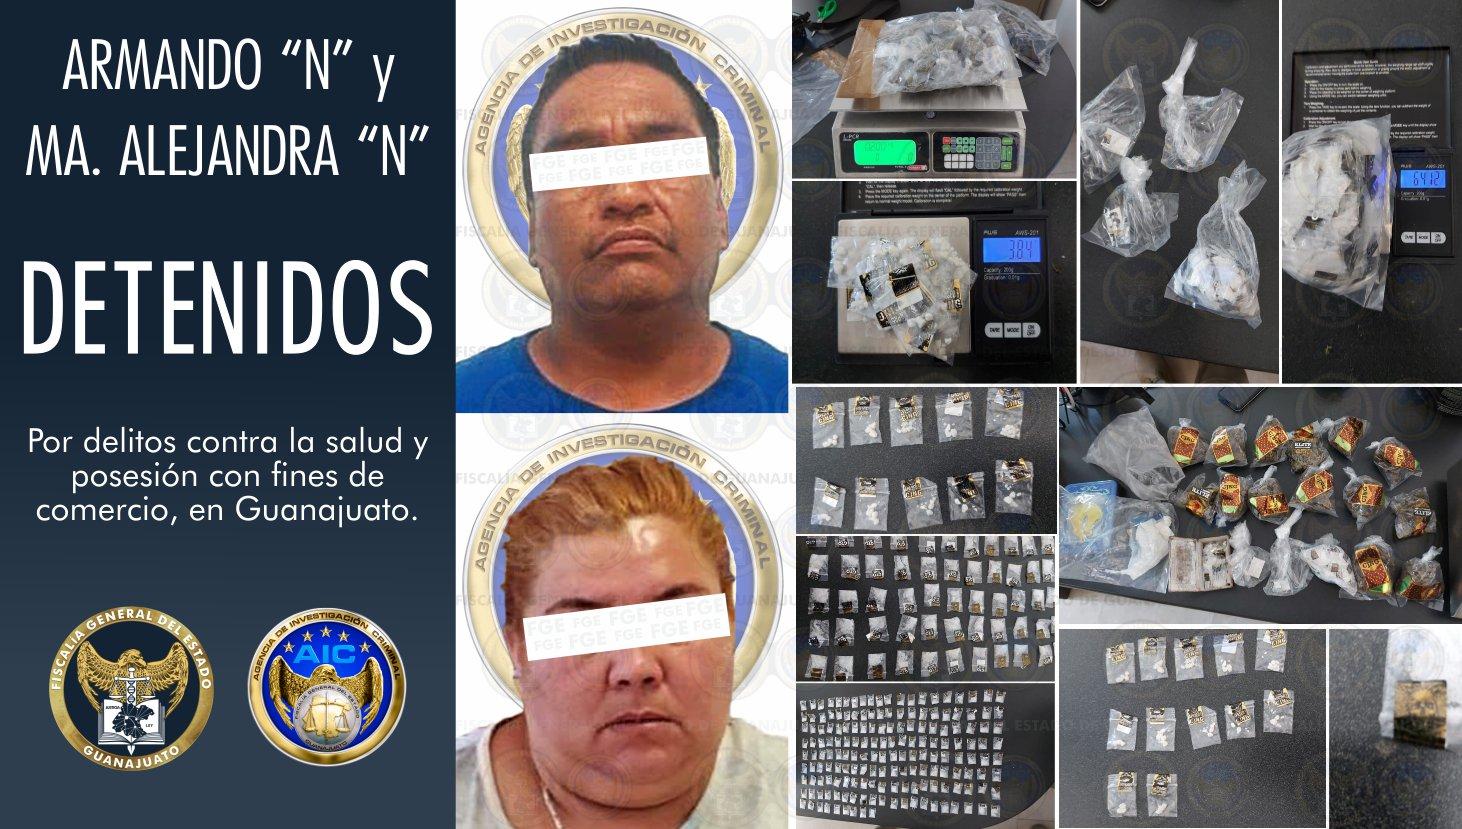 Se aseguran miles de dosis de droga y objetos para su embalaje durante cateo en Guanajuato capital 1